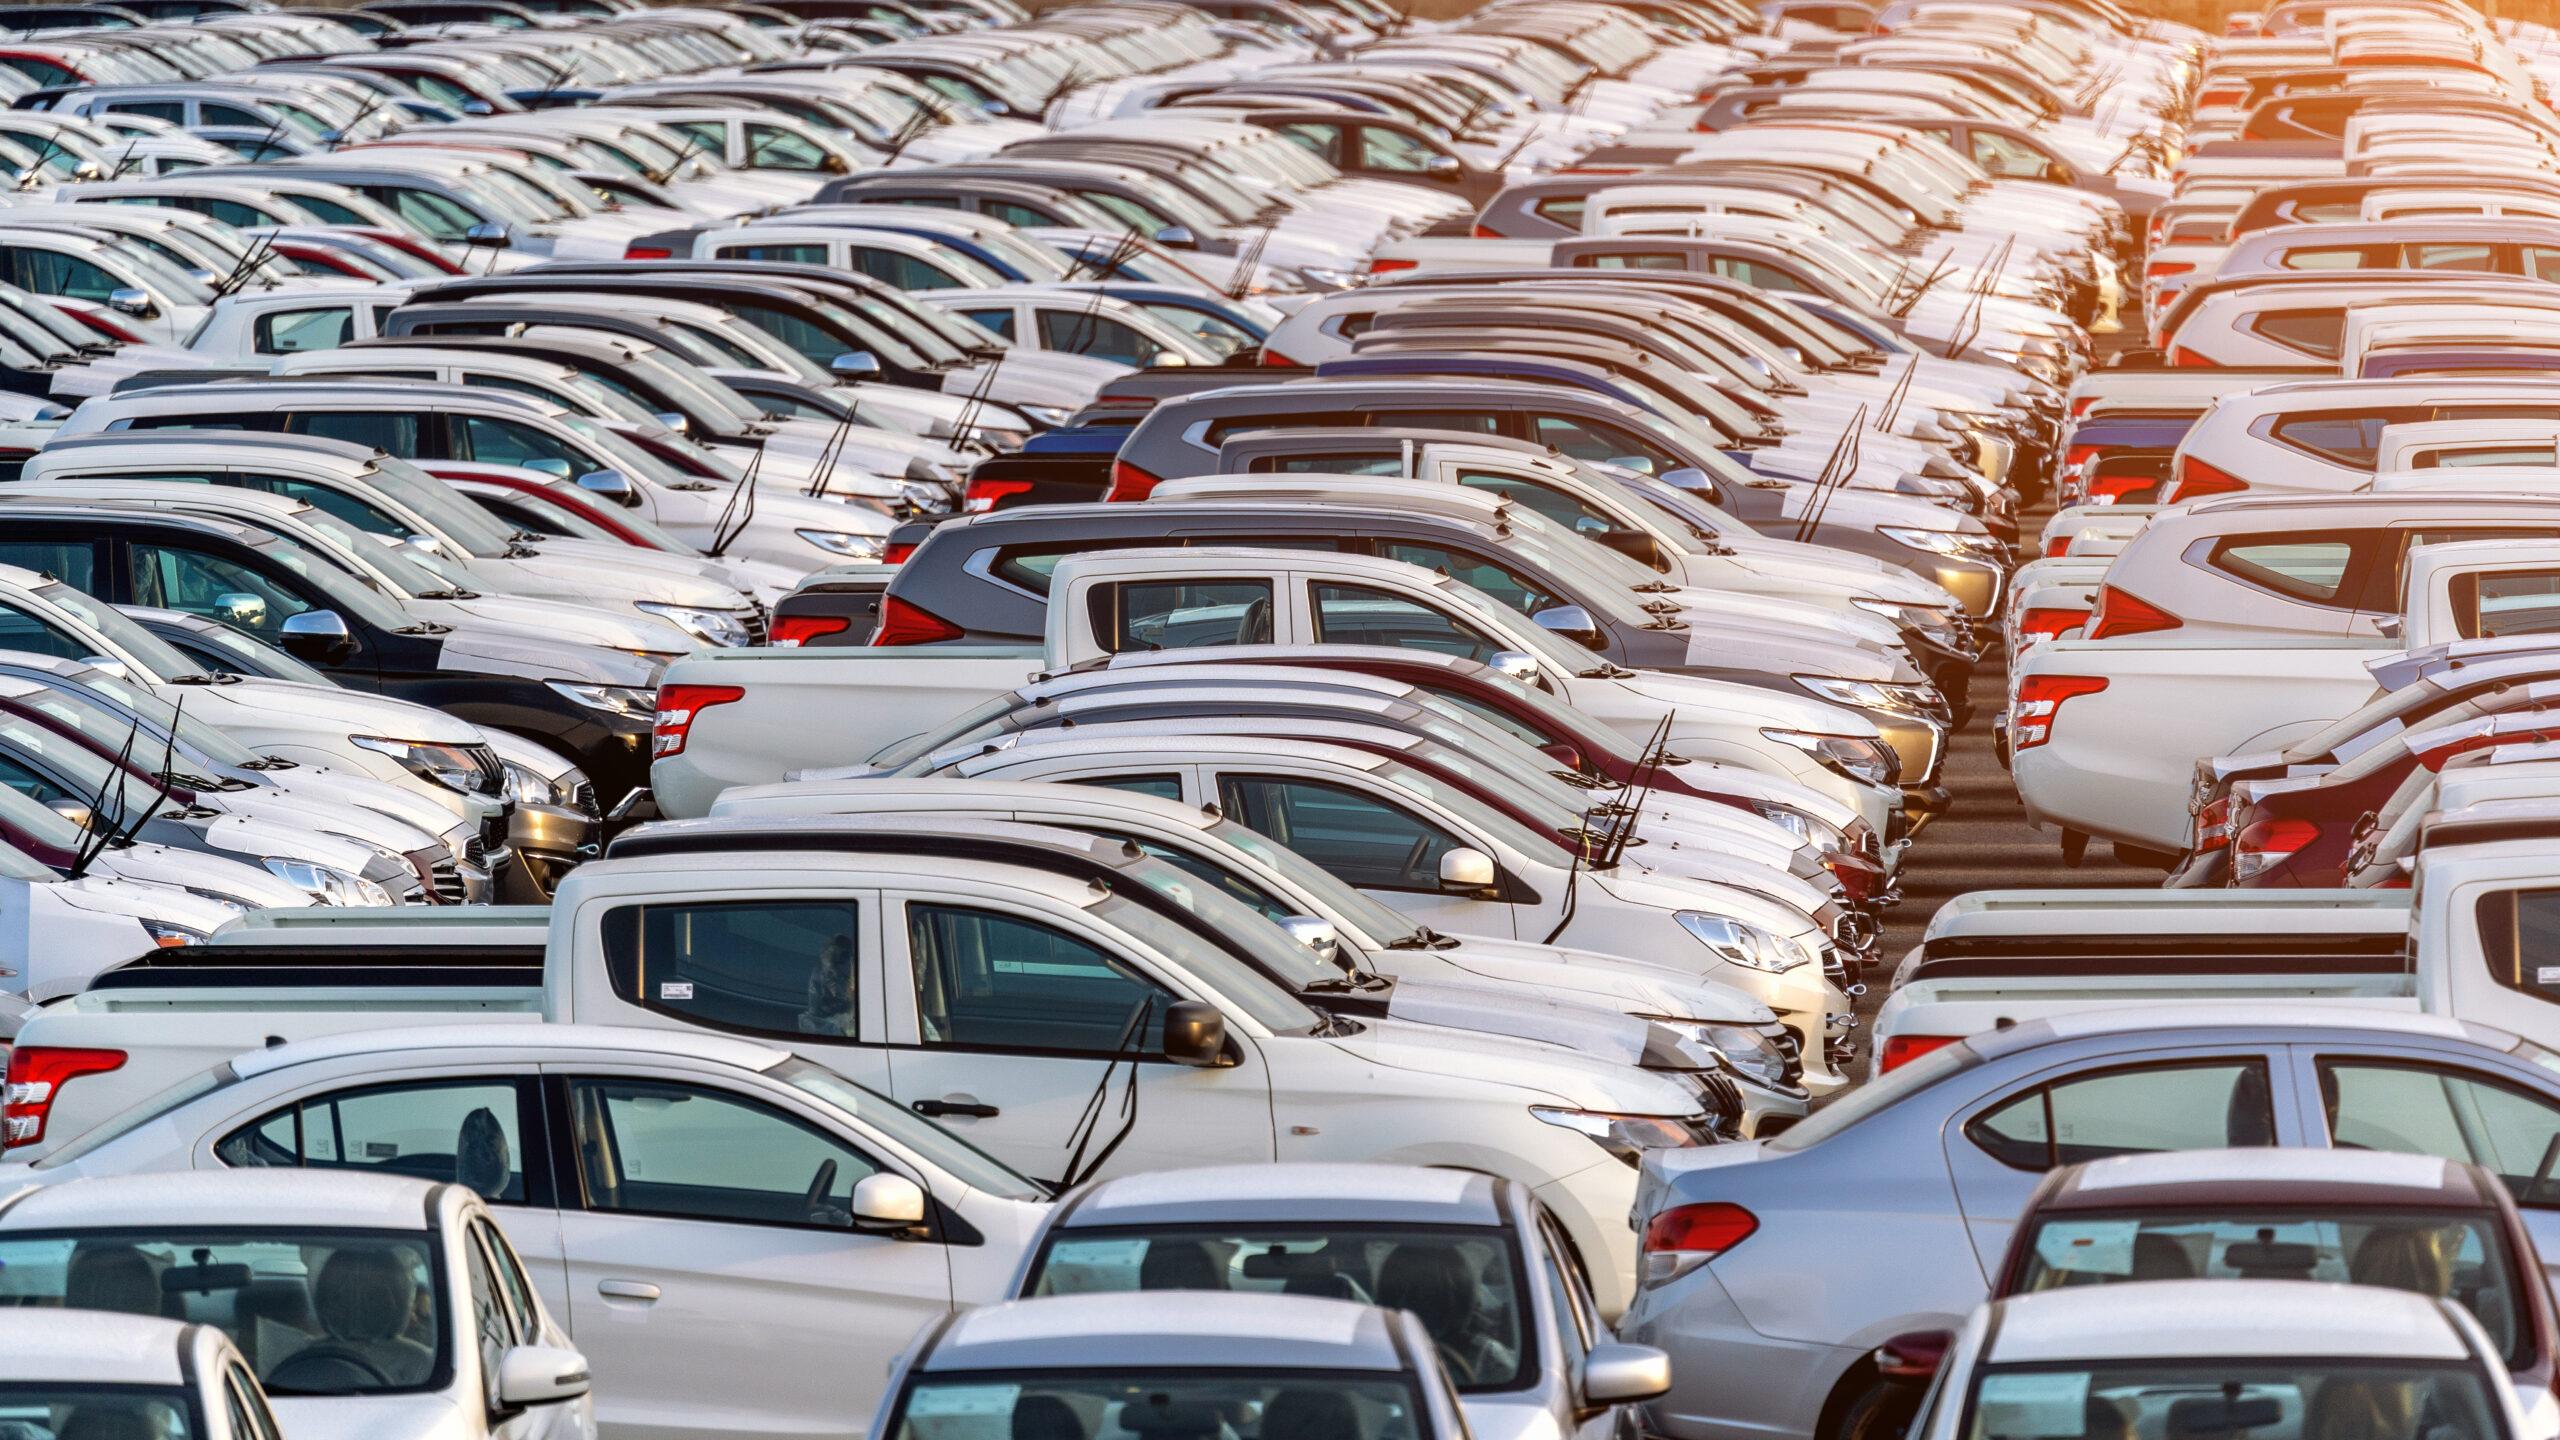 Dlaczego warto sprawdzić historię auta przed zakupem?